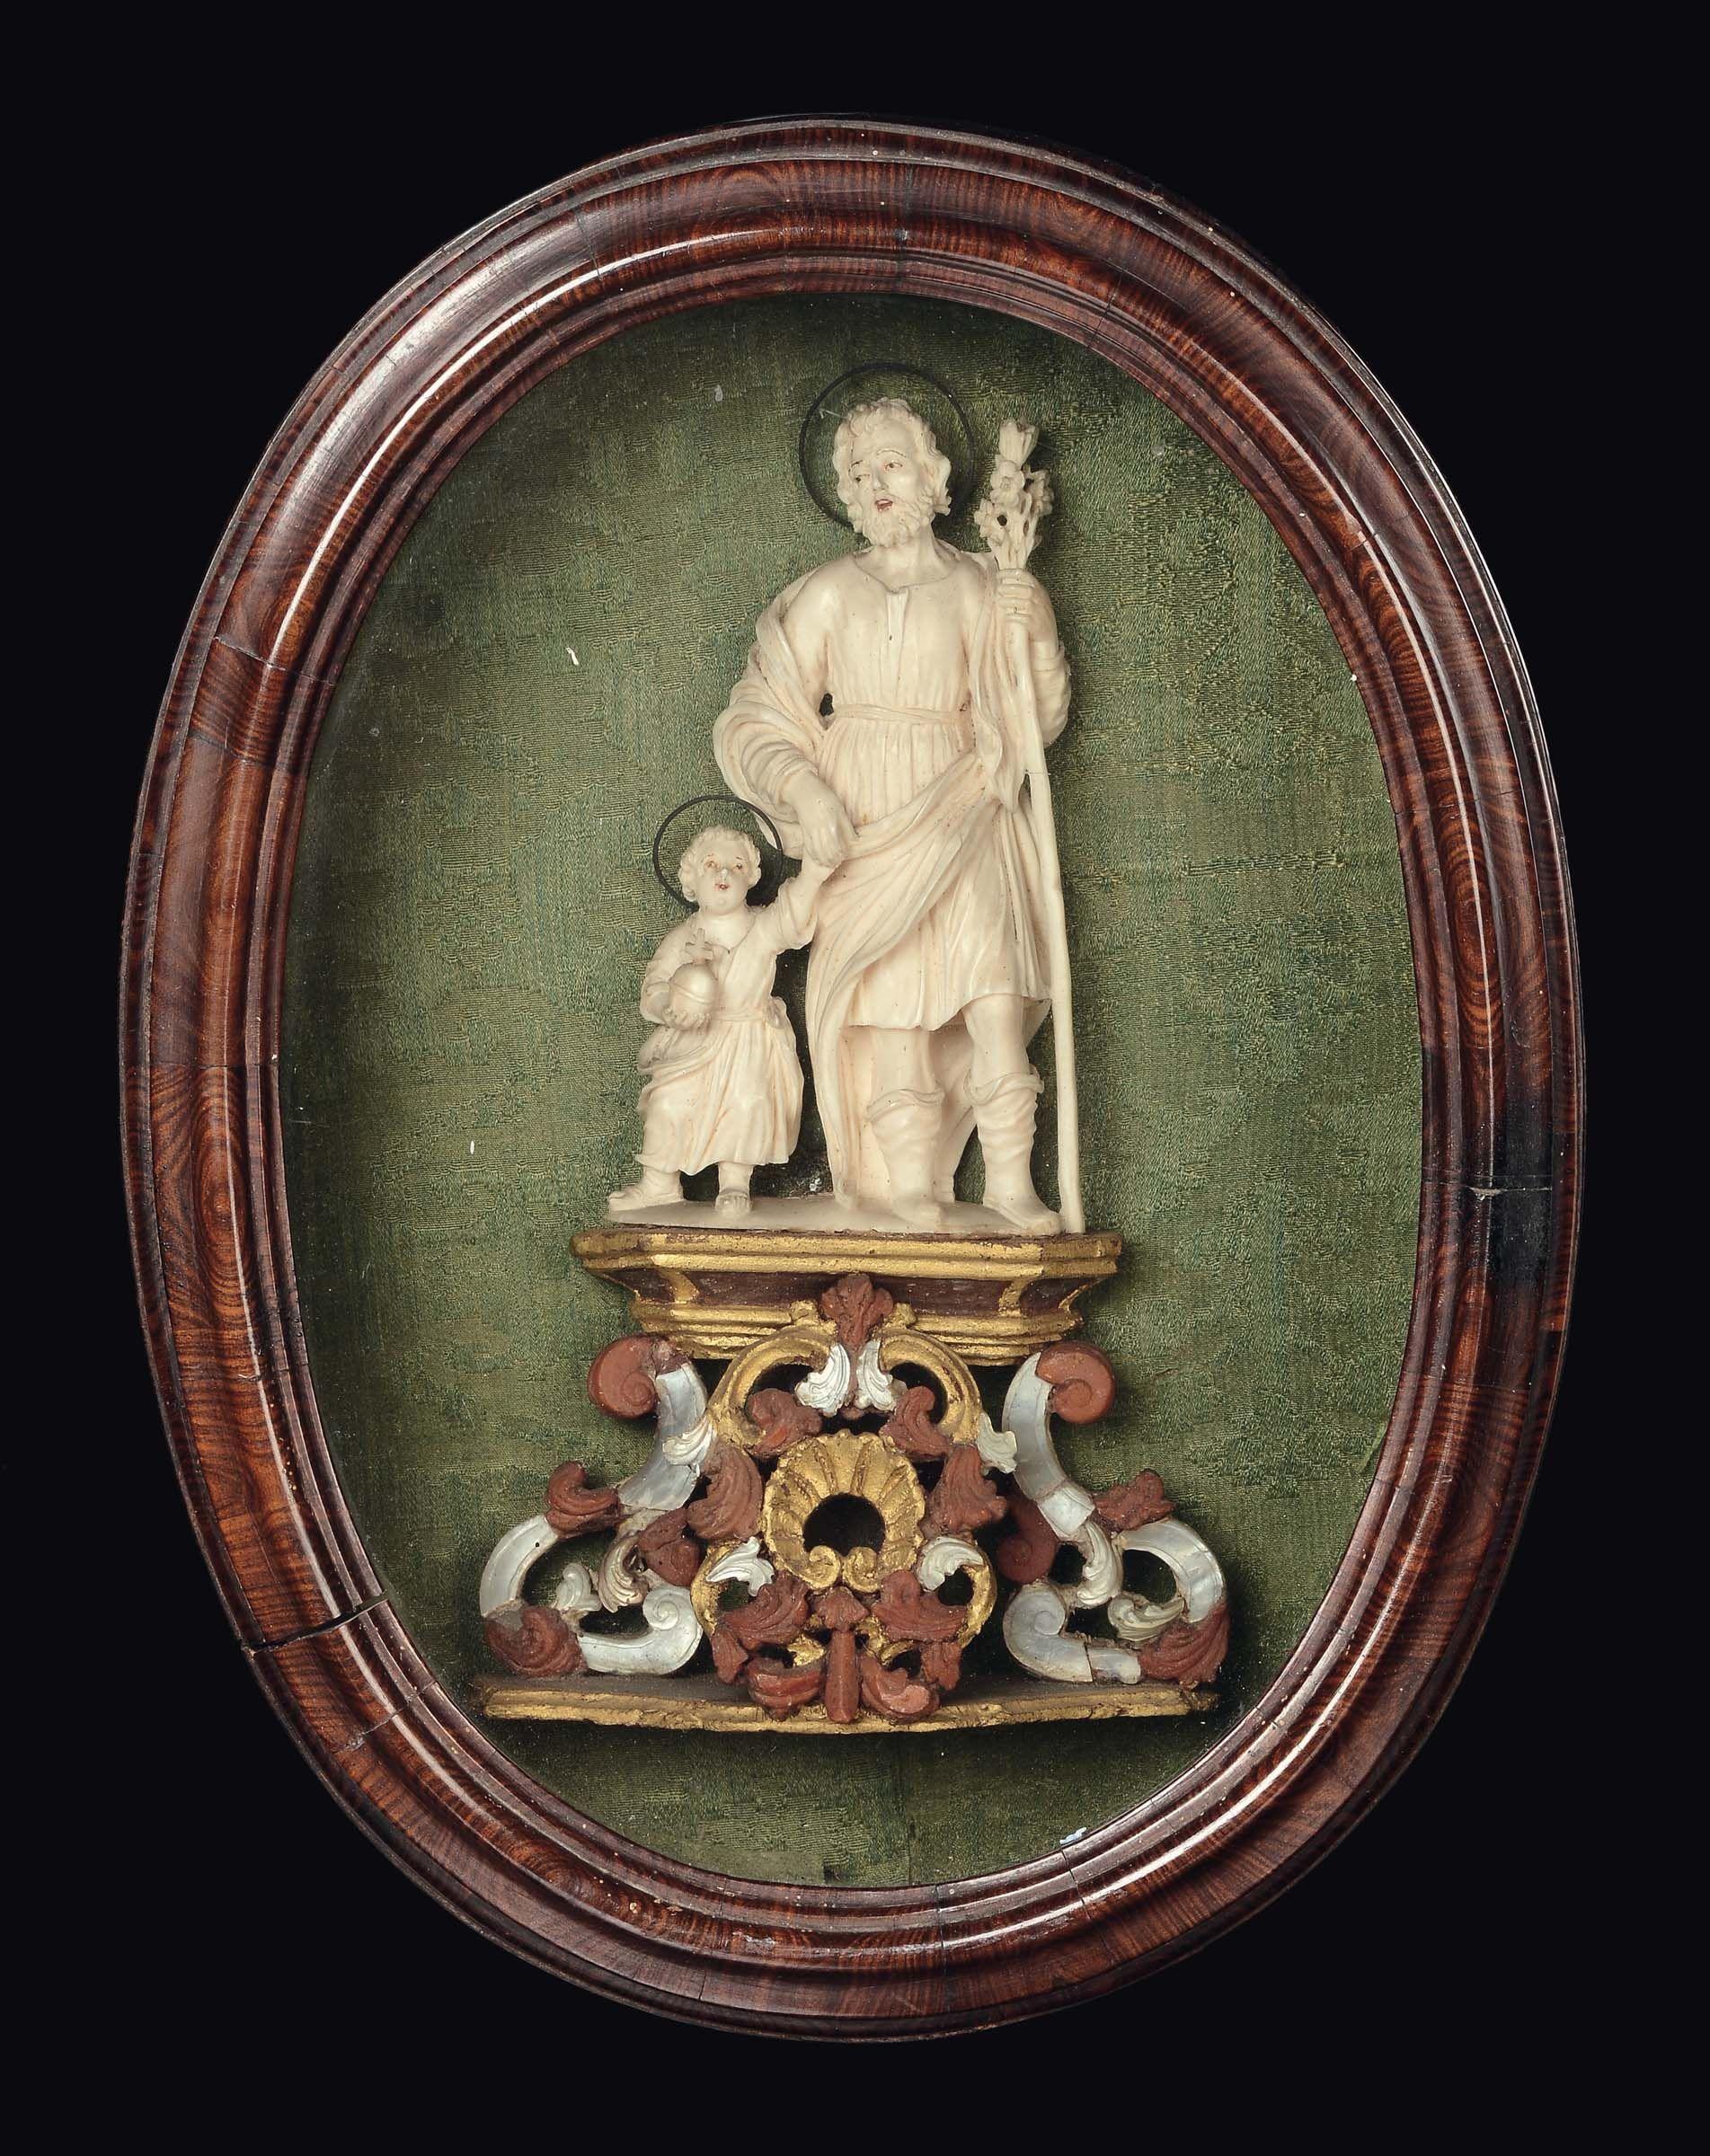 Scultura in avorio raffigurante San Giuseppe e Gesù bambino, Maestranze trapanesi, Bottega dei Tipa, XVIII secolo cm 18x11